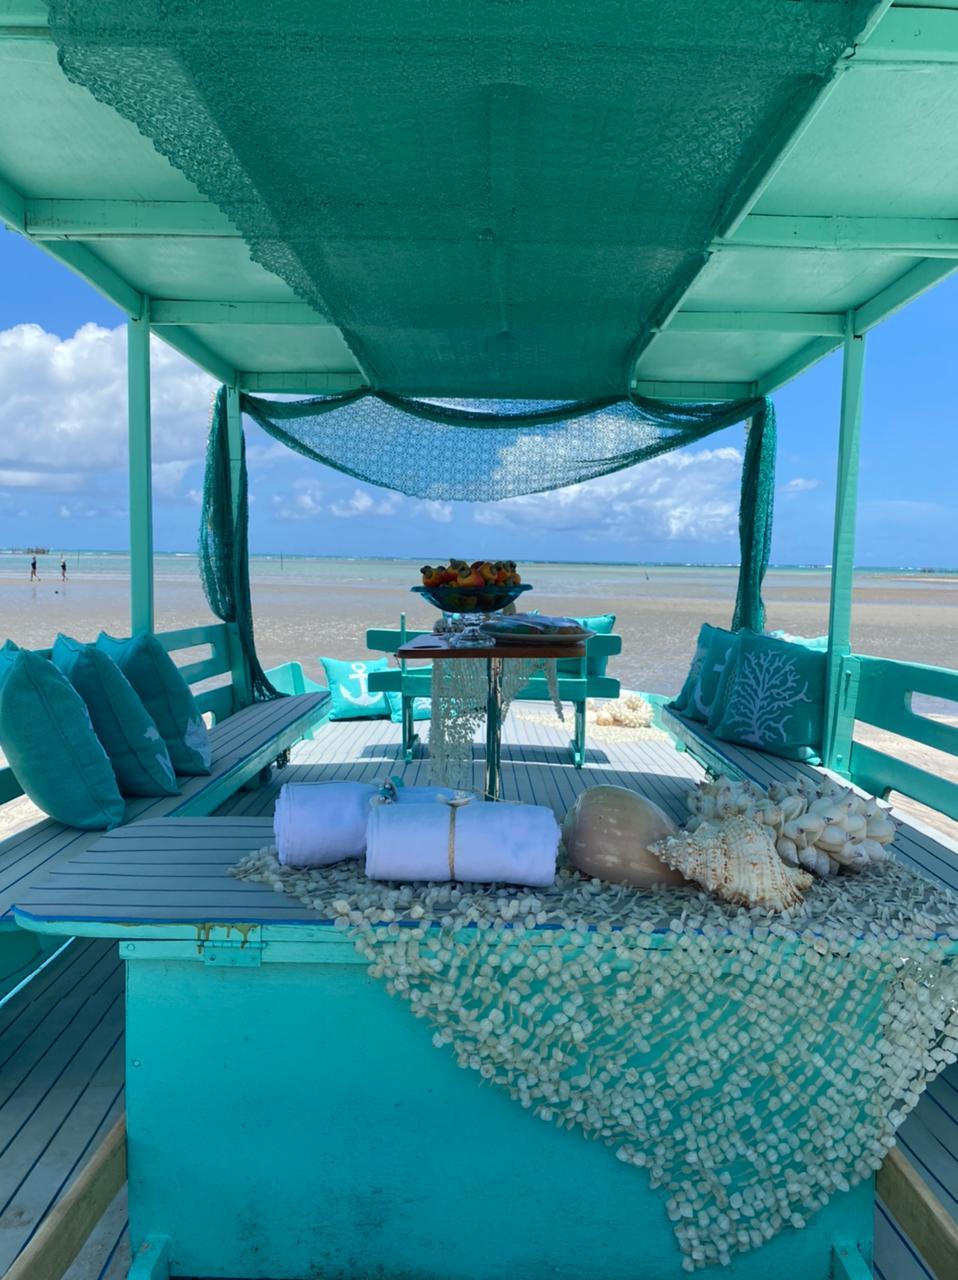 A imagem mostra uma mesa posta à beira-mar, com a cor azul predominando